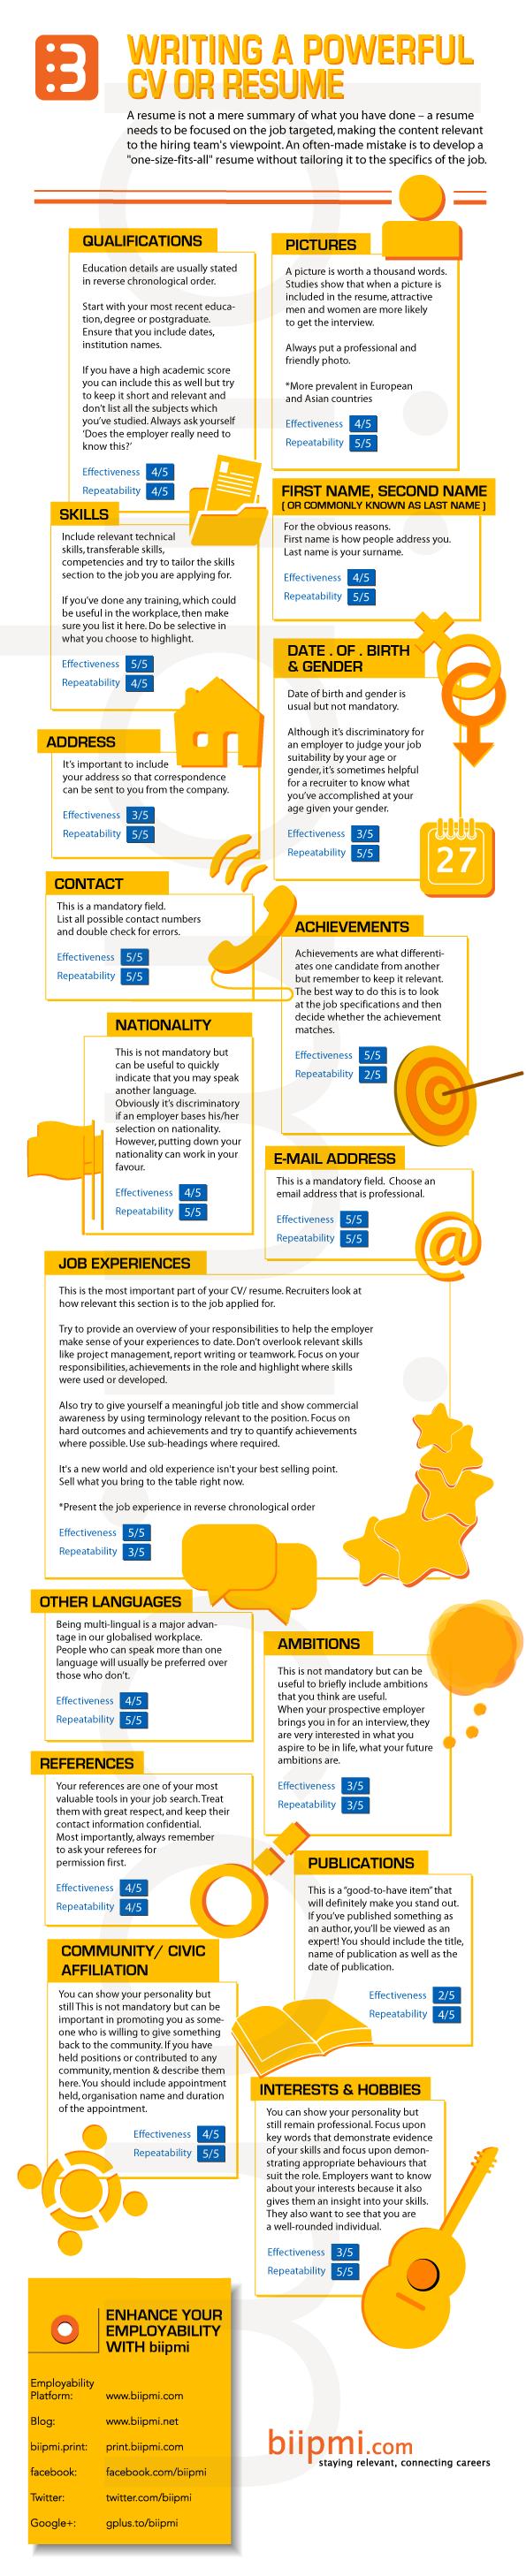 Resume-Infographic-(Long)V2